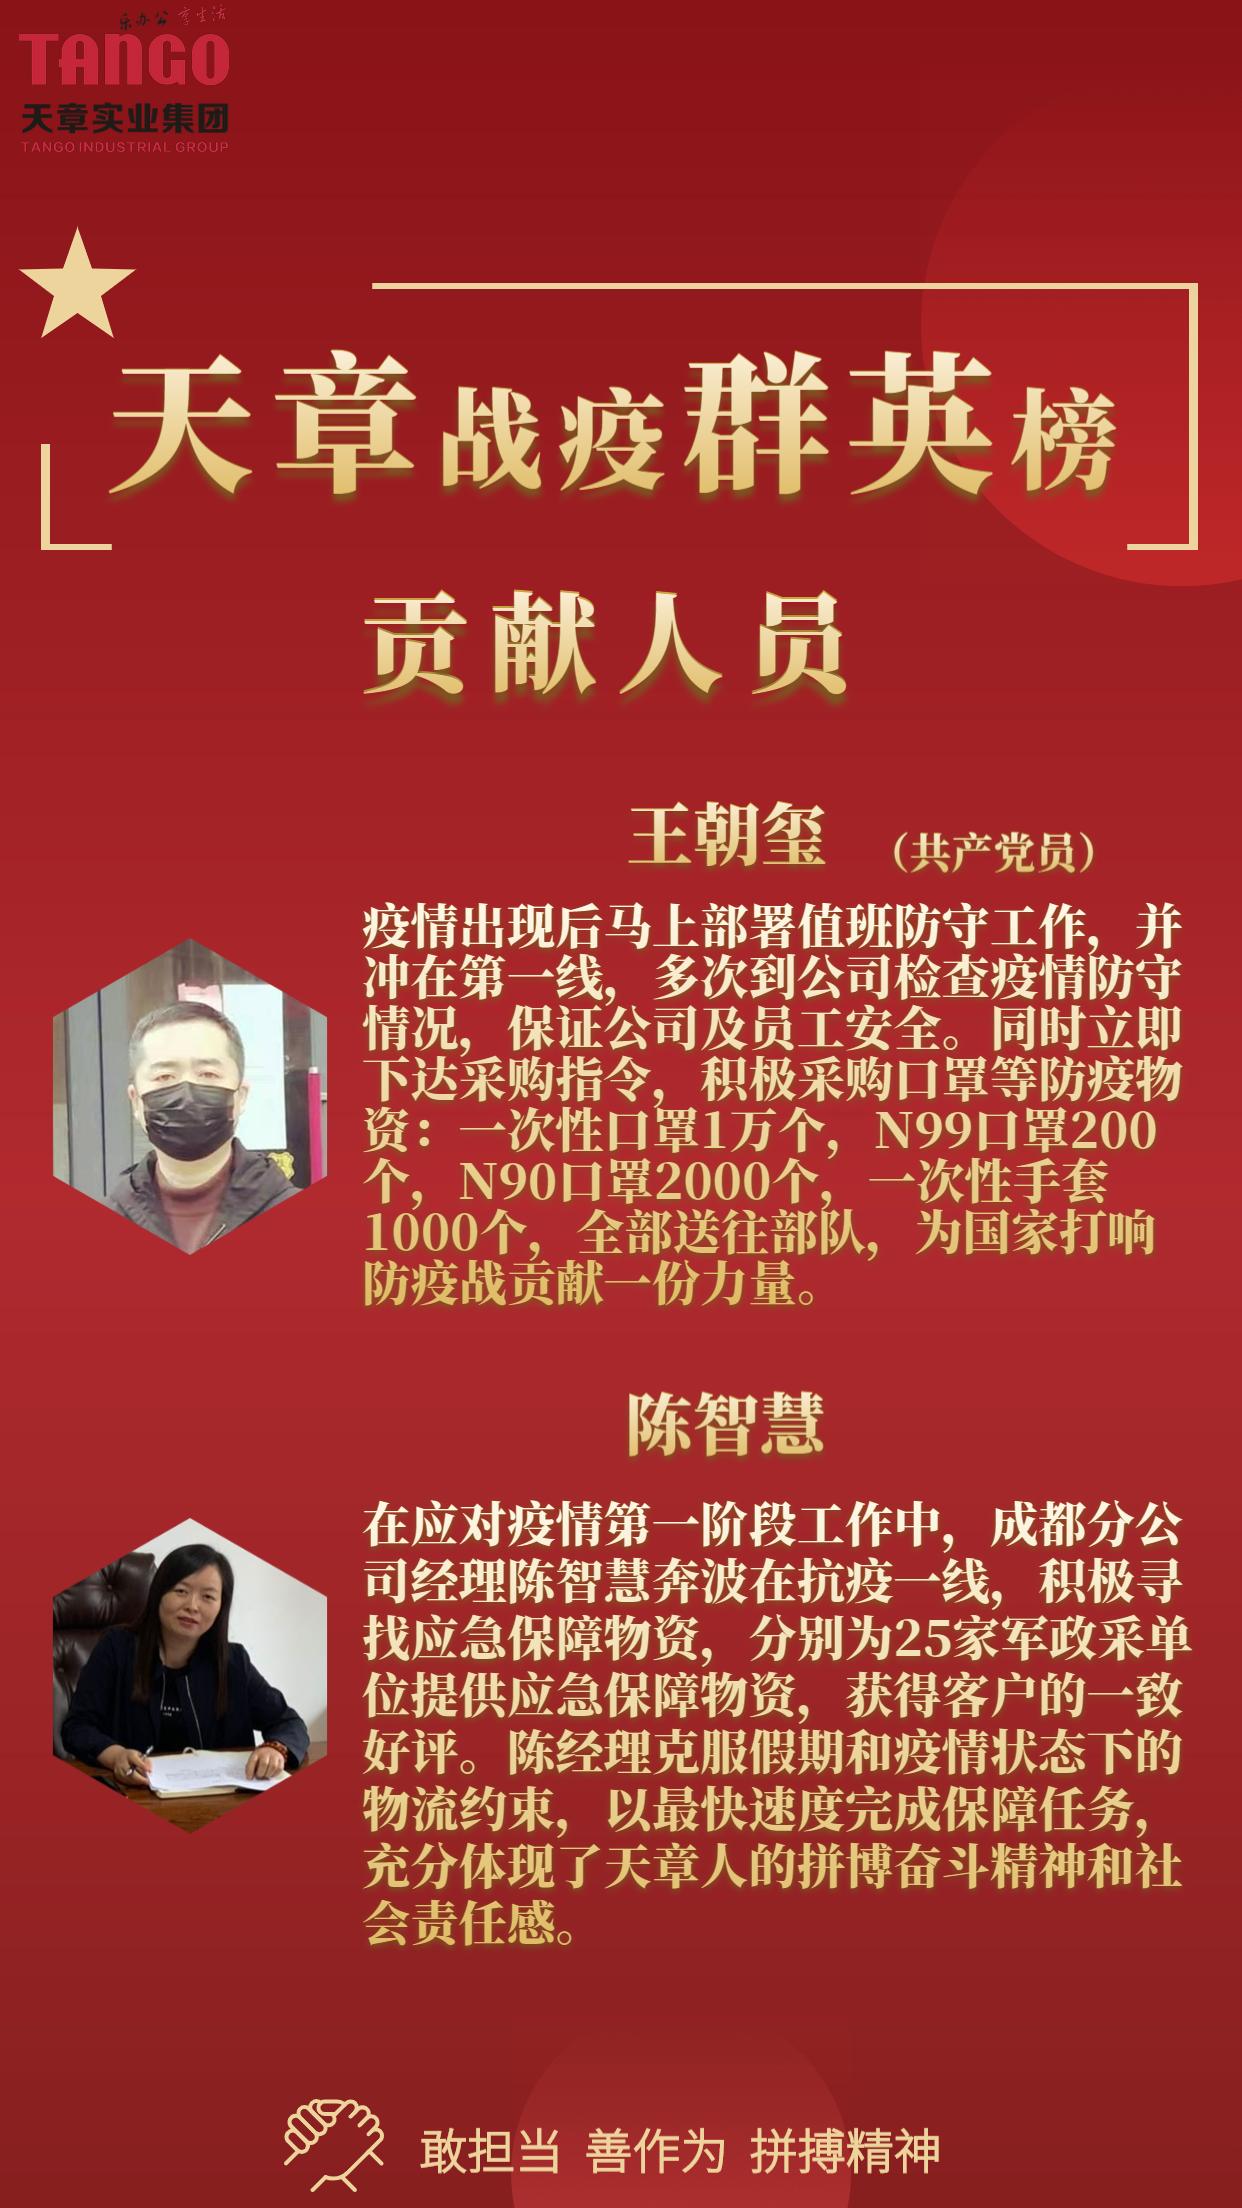 王朝玺陈智慧海报